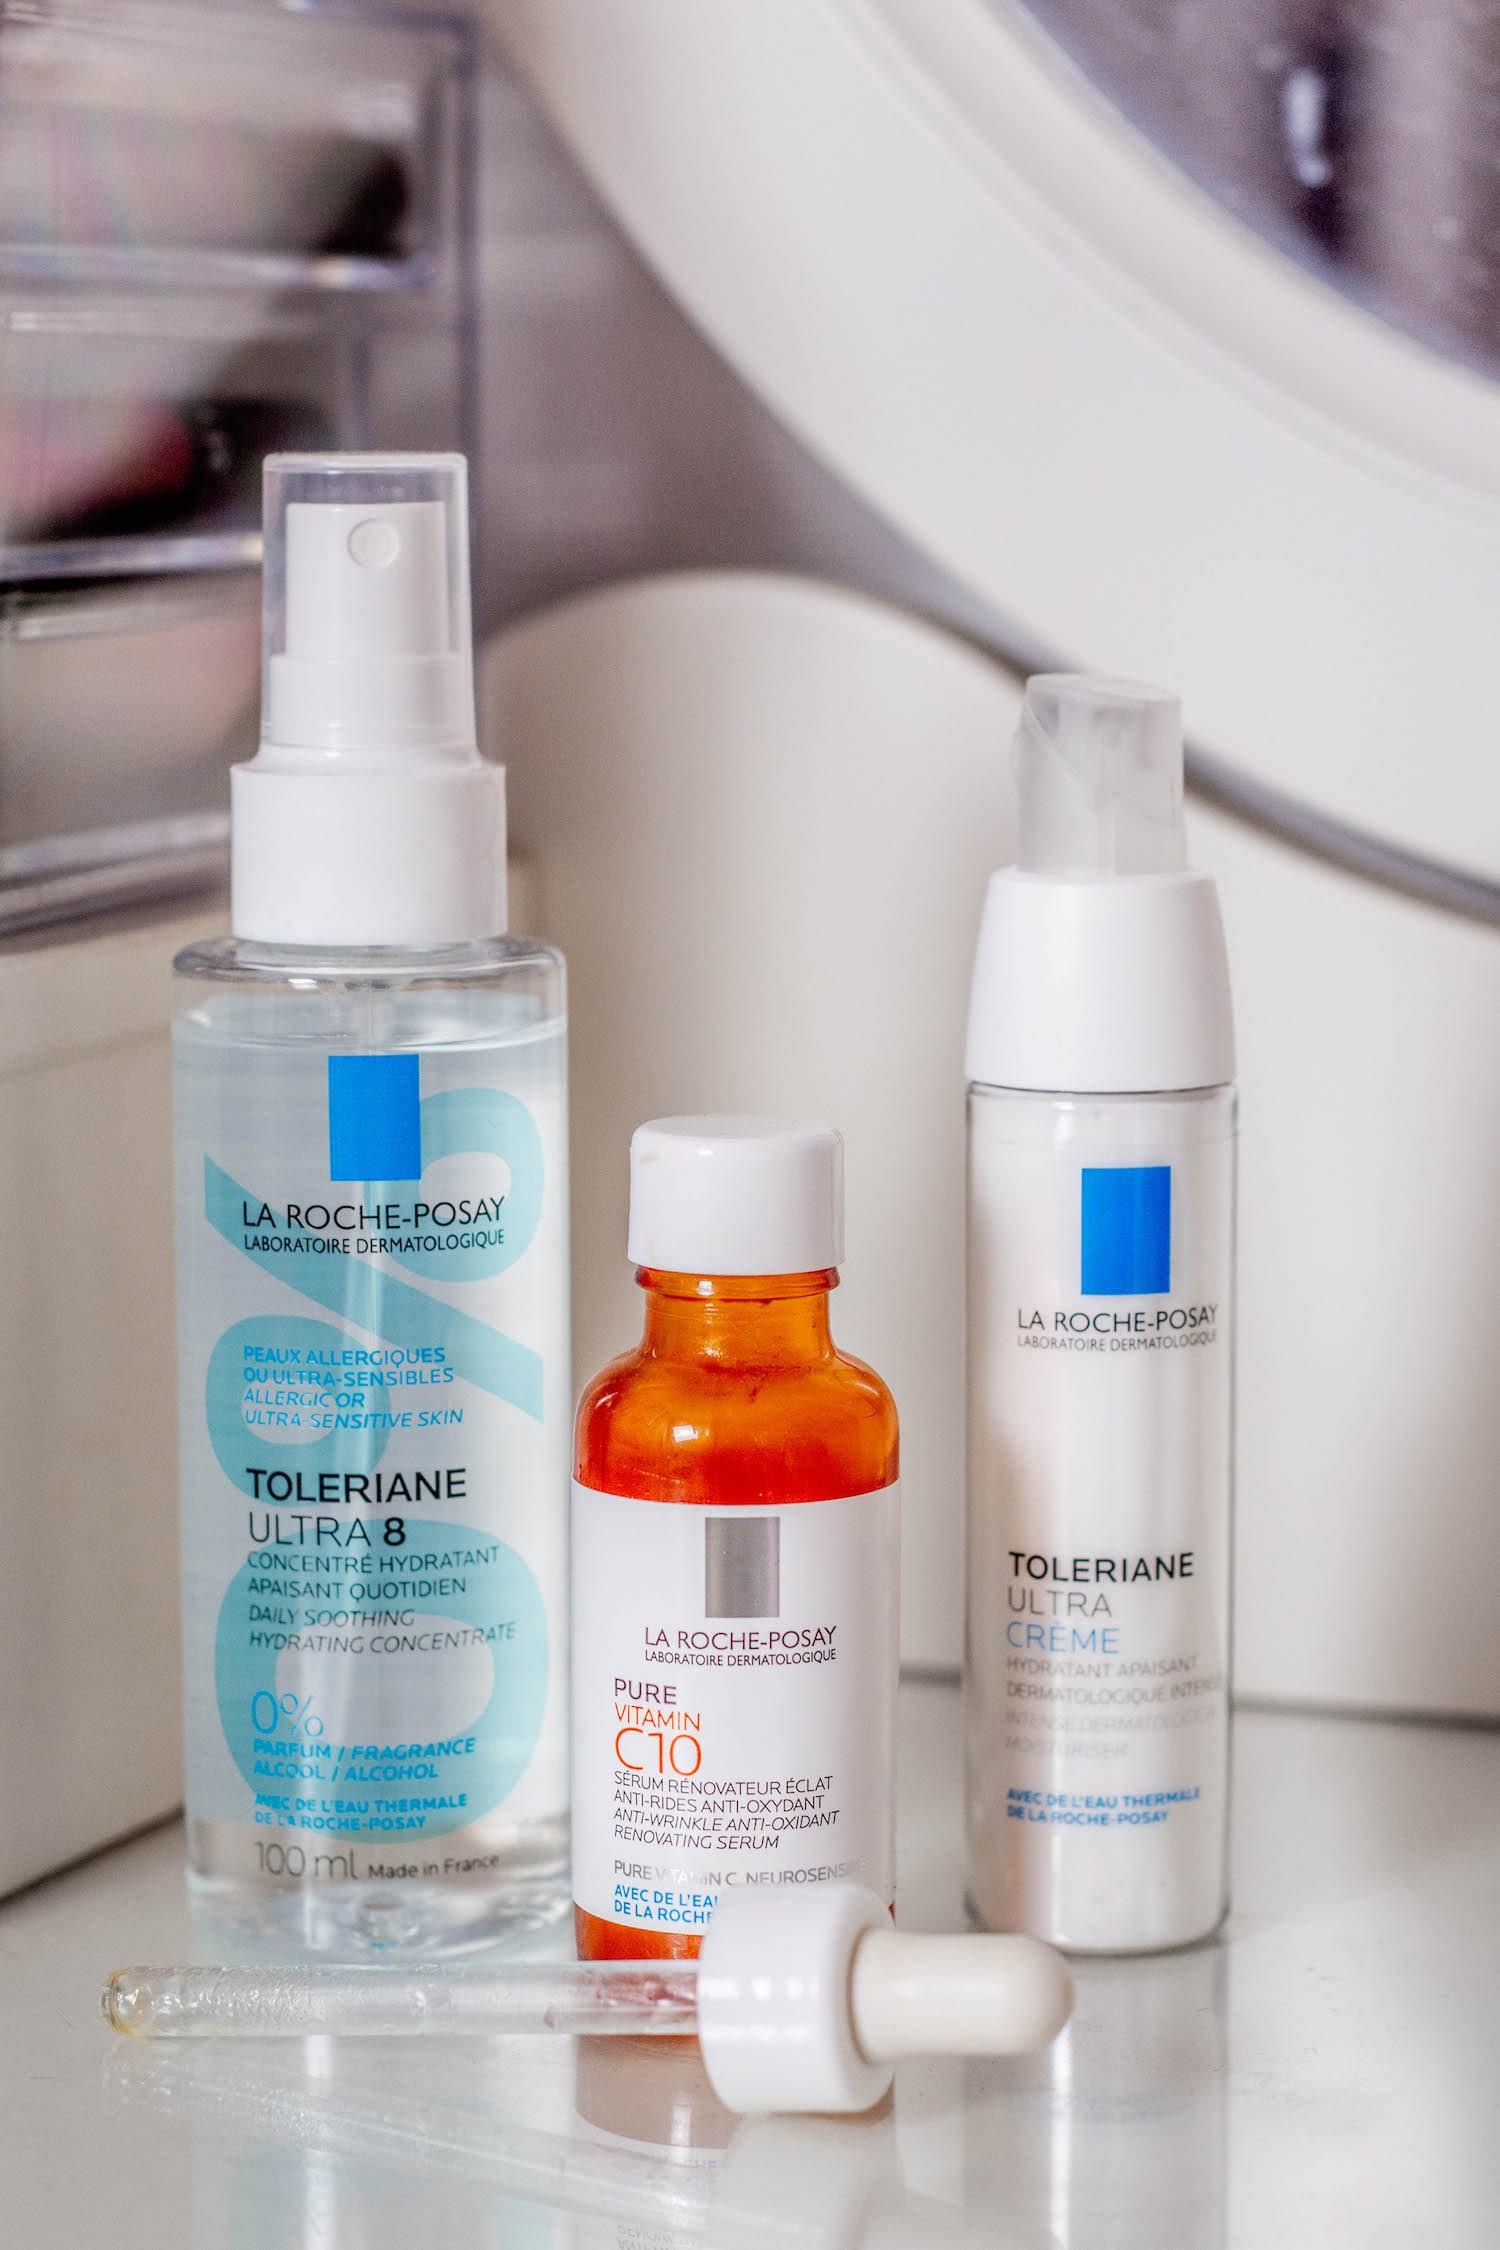 Les derniers produits skincare que j'ai reçus et testé - La Roche Posay et Ella Baché - HappinessCoco.com